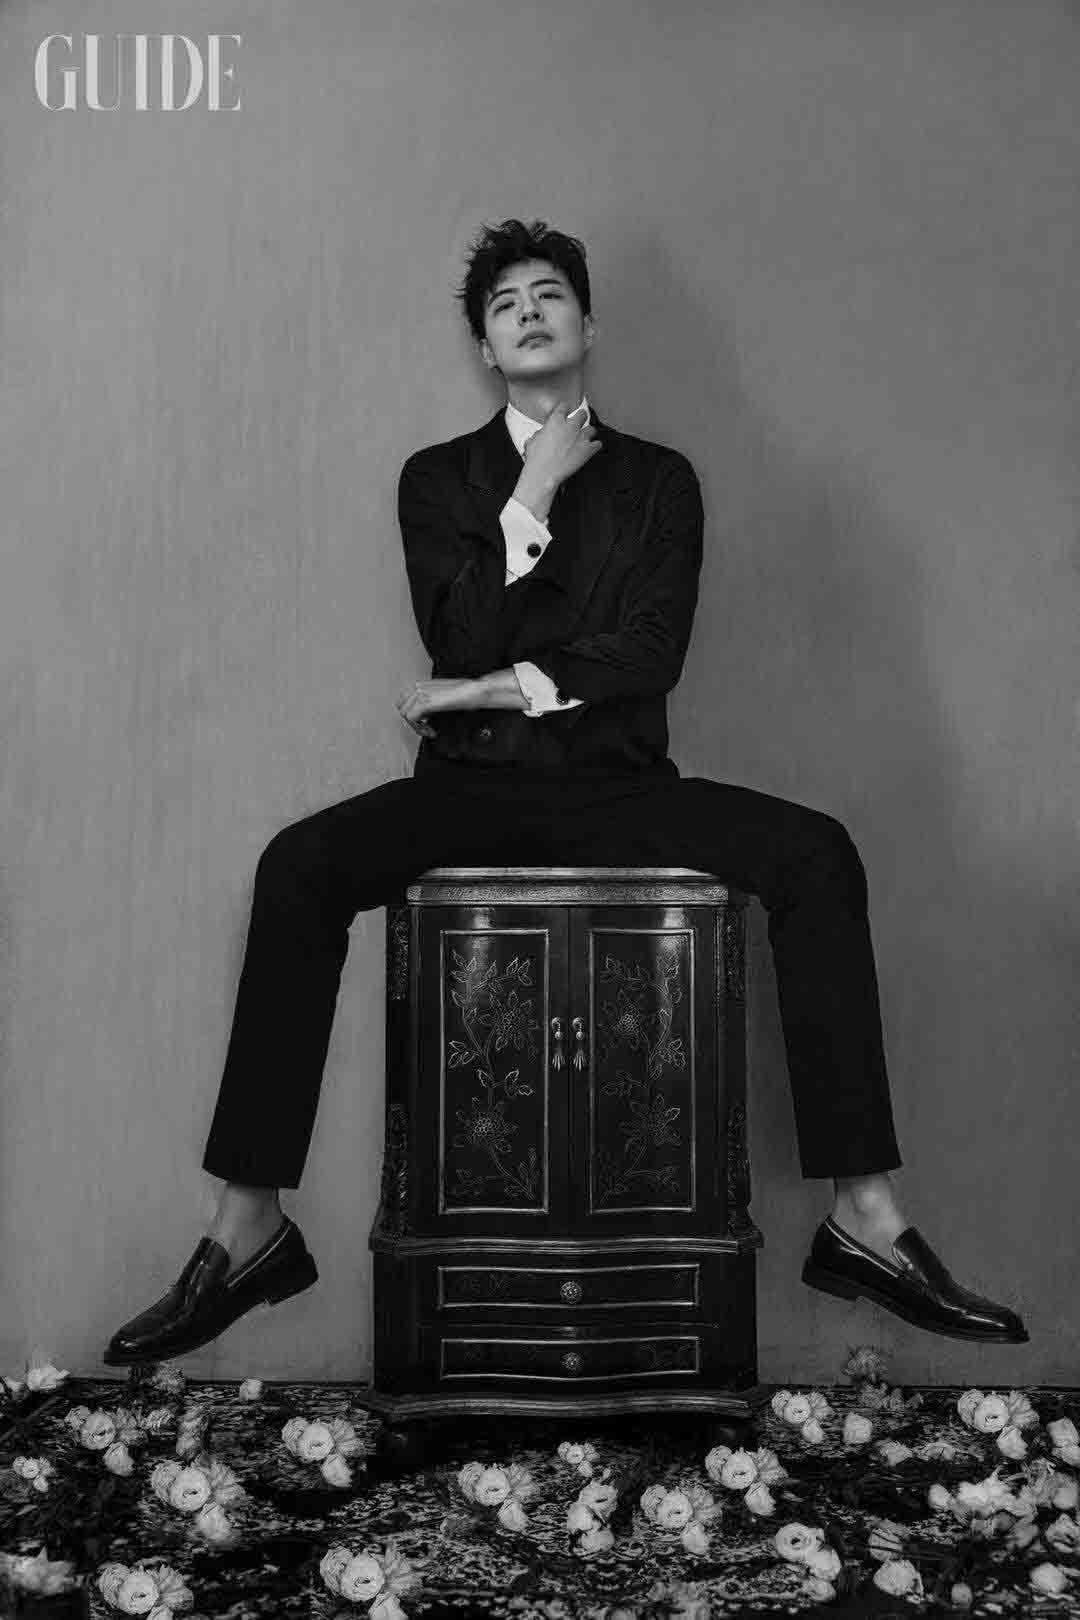 徐开骋全新时尚大片释出 身型挺拔尽显绅士潮男魅力